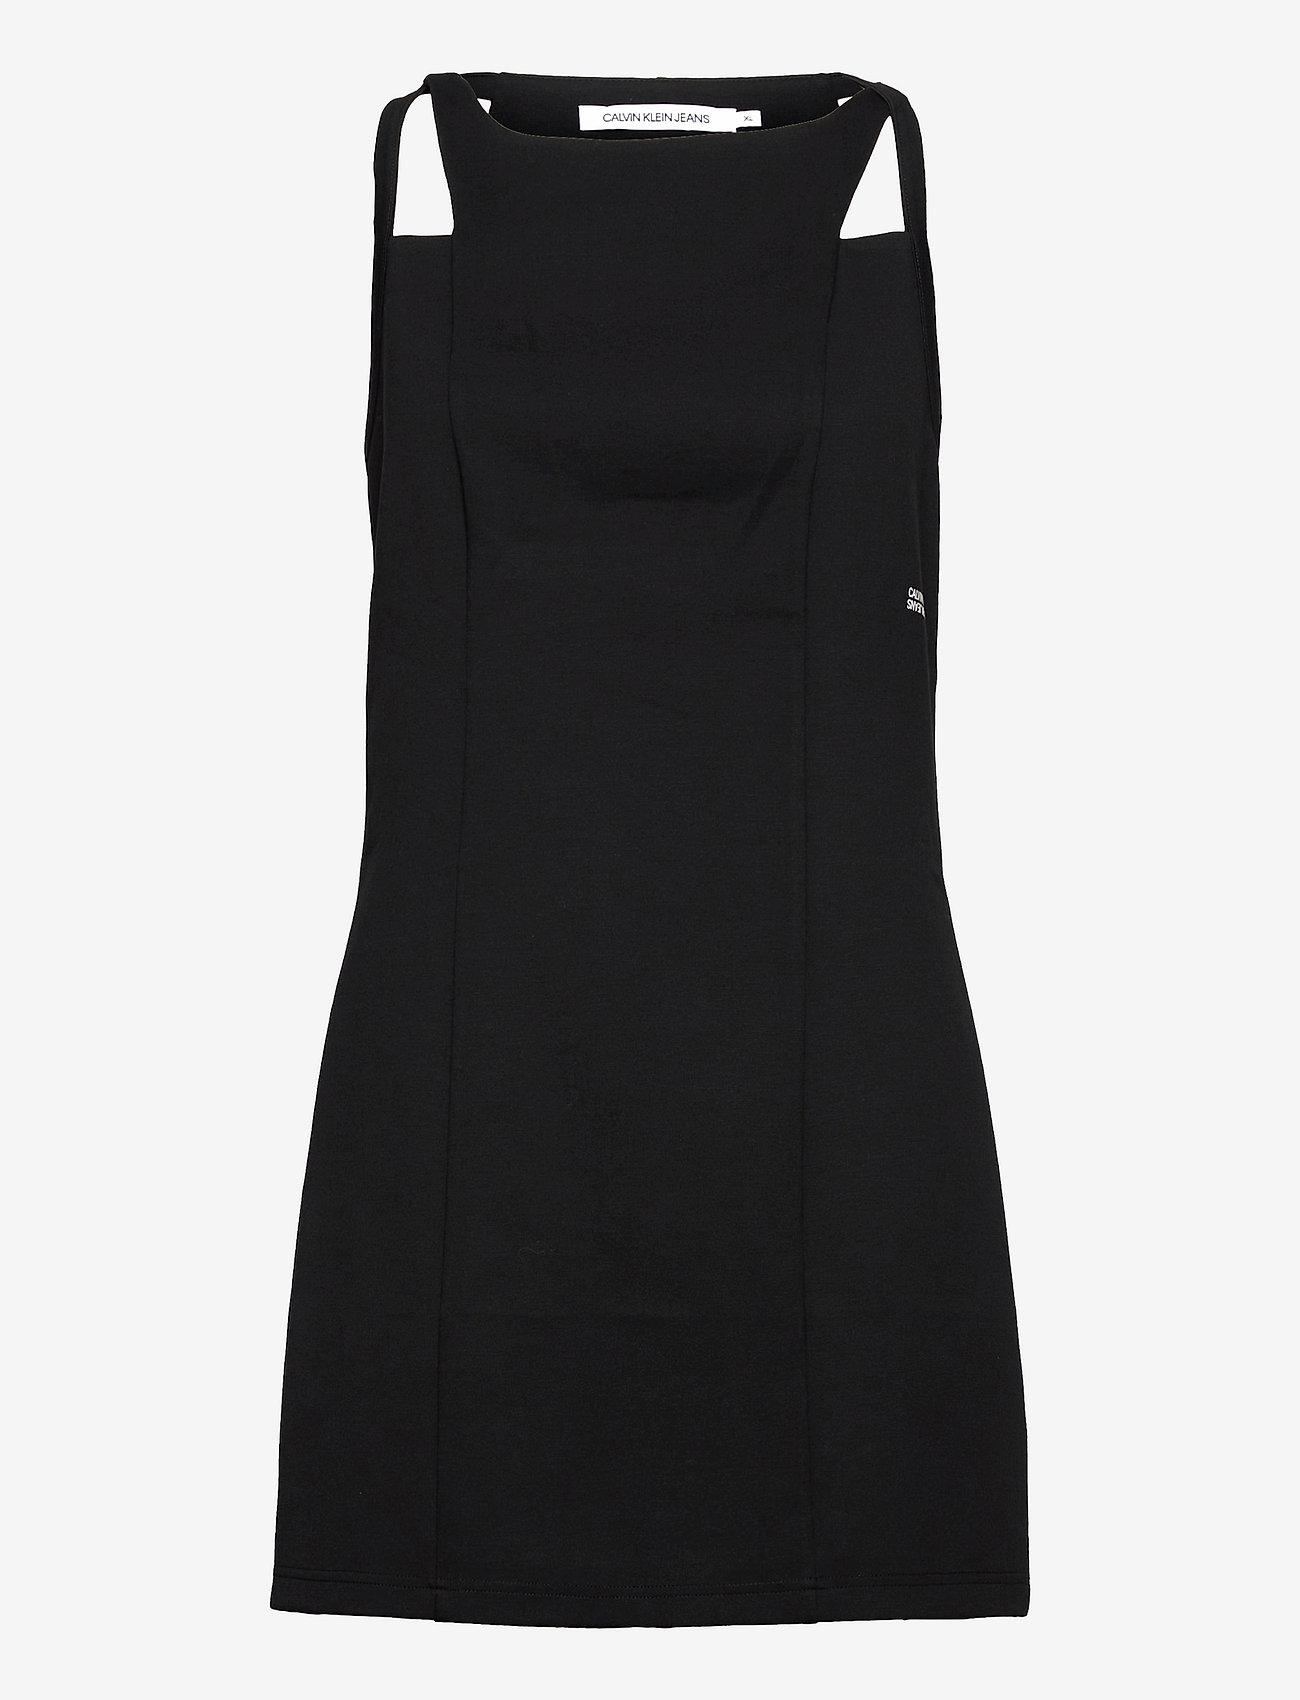 Calvin Klein Jeans - SIDE LOGO MILANO STRAPPY DRESS - sommerkjoler - ck black - 0